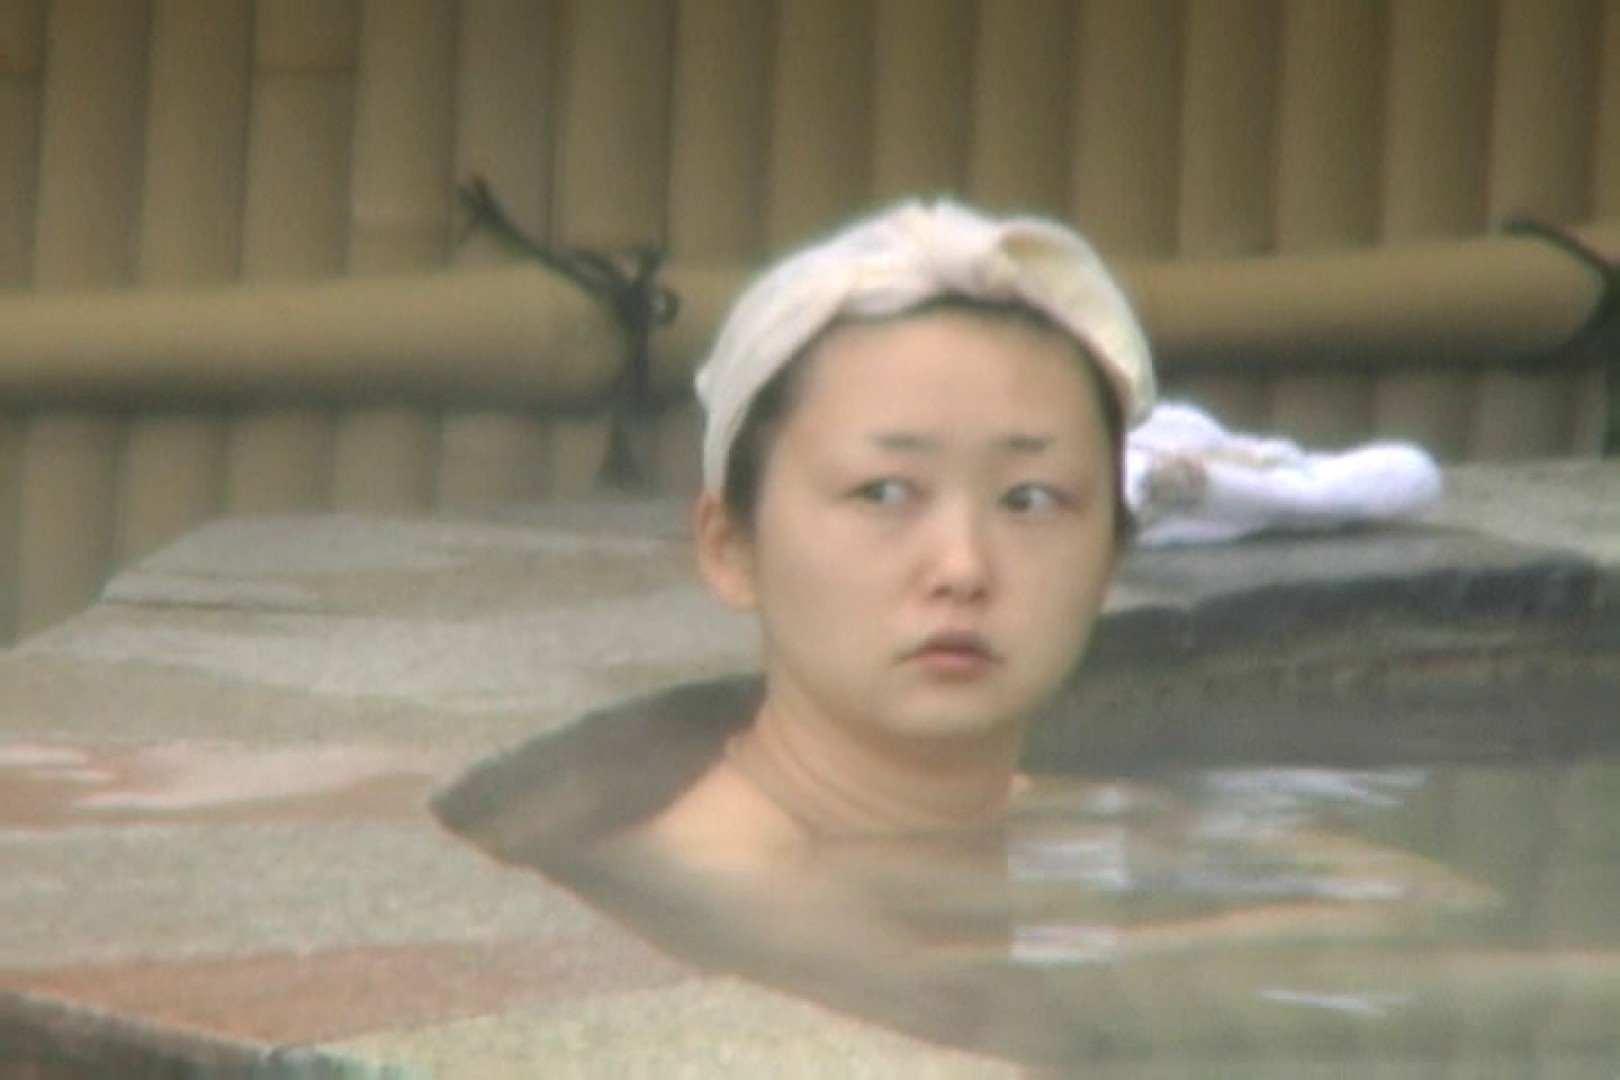 Aquaな露天風呂Vol.564 美しいOLの裸体   盗撮師作品  100pic 70